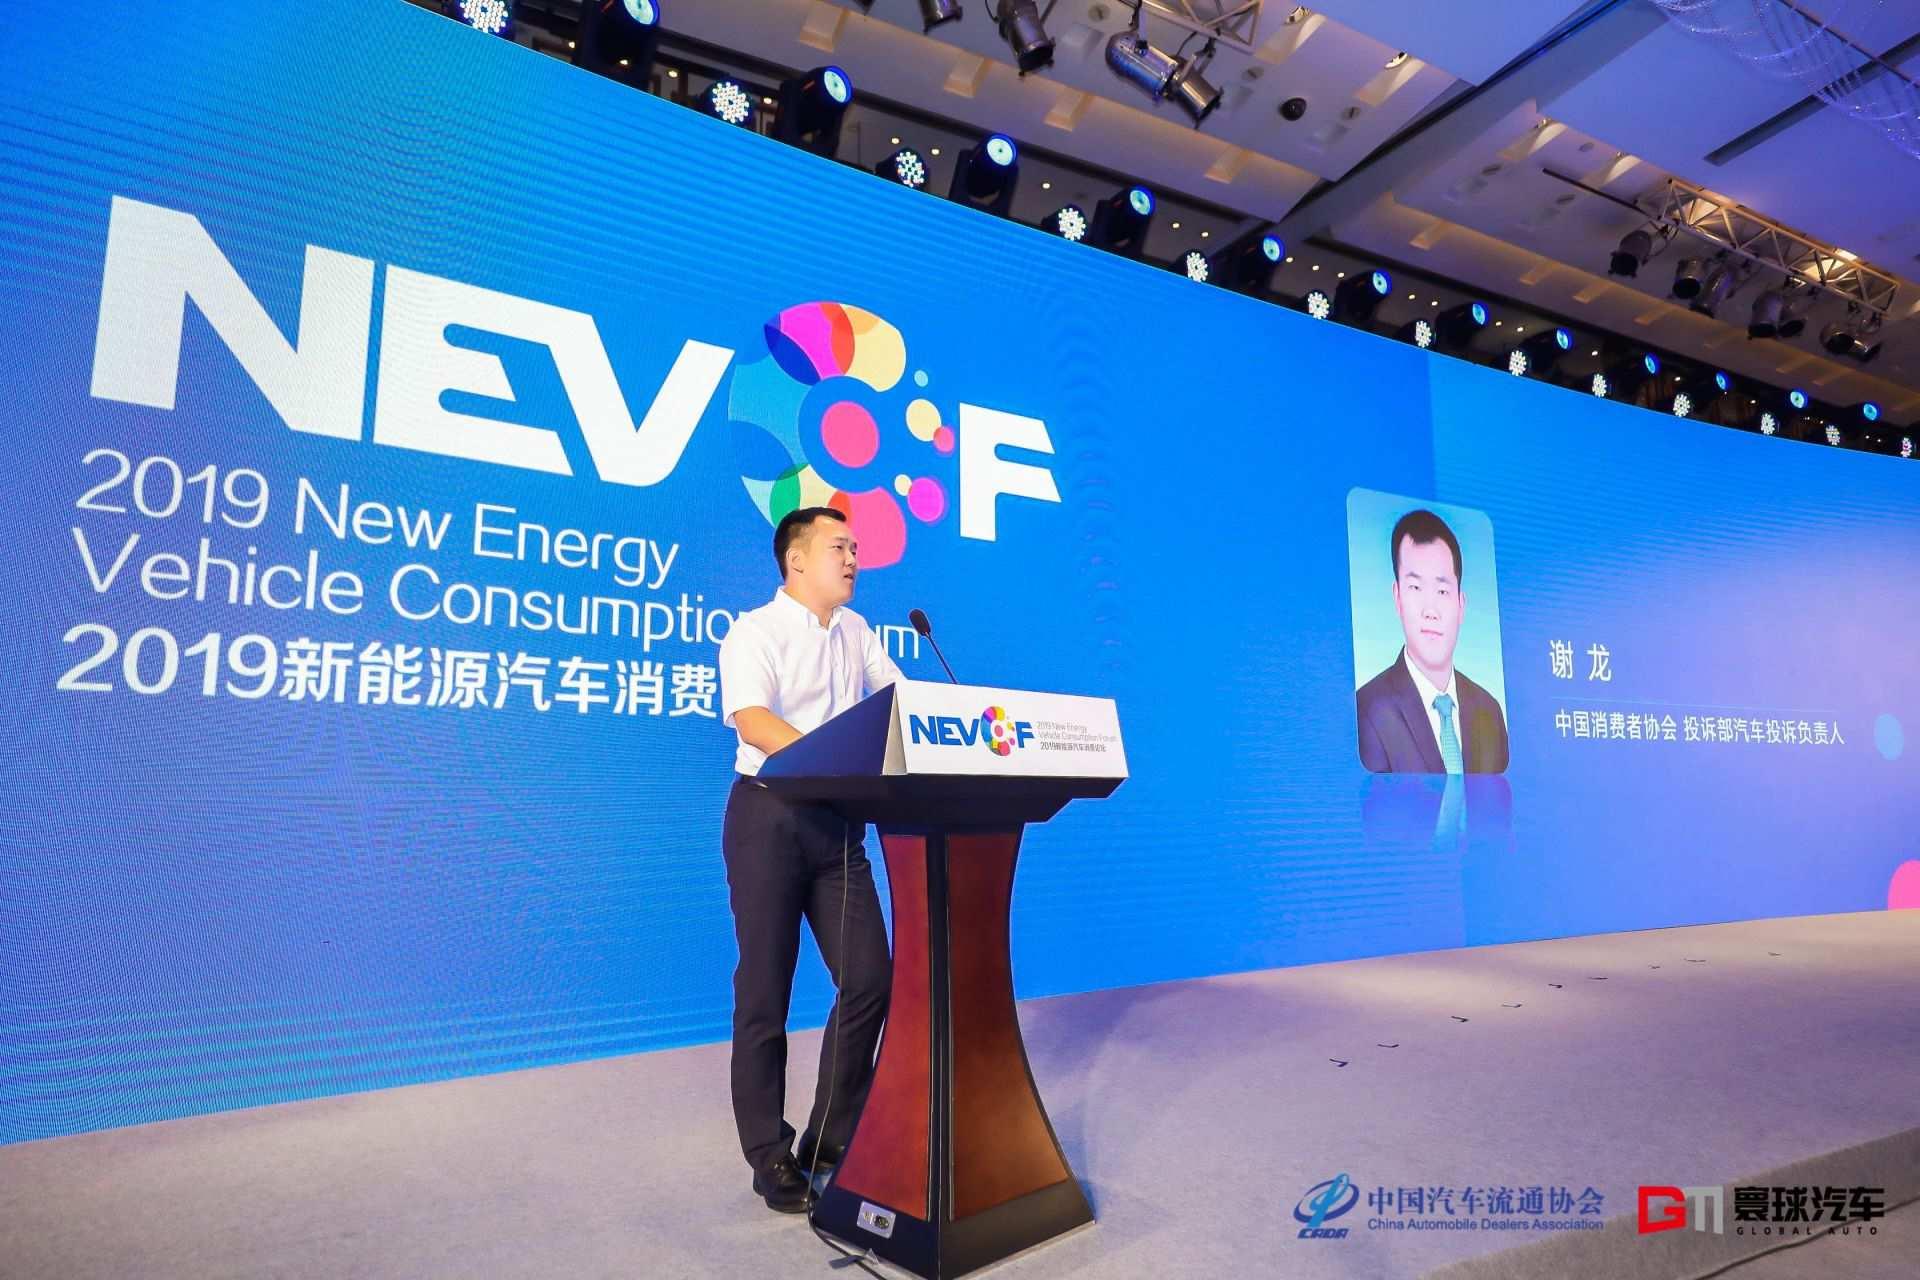 谢龙:消费纠纷不可避免,经营者应该耐心倾听积极处理